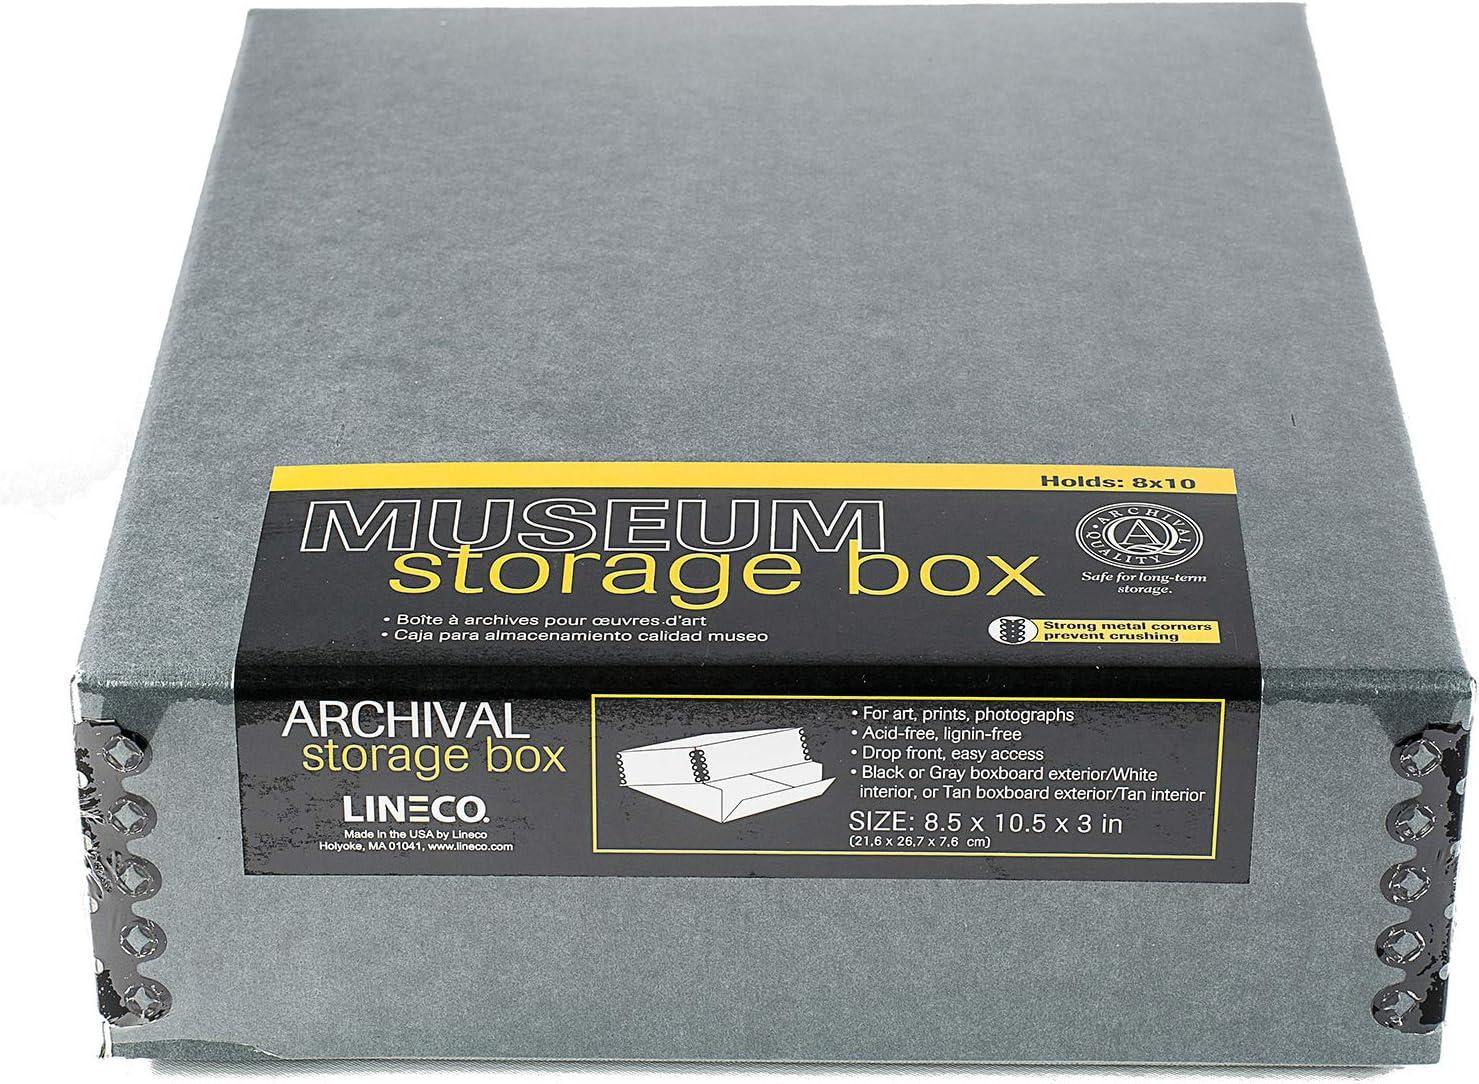 langlebig Lineco Archivierungsbox S/äurefrei mit Metallkante ligninfrei Sch/ützt Dokumente und Drucke vor Verblassen oder Verf/ärben zum Basteln 8.5x11.5 schwarz